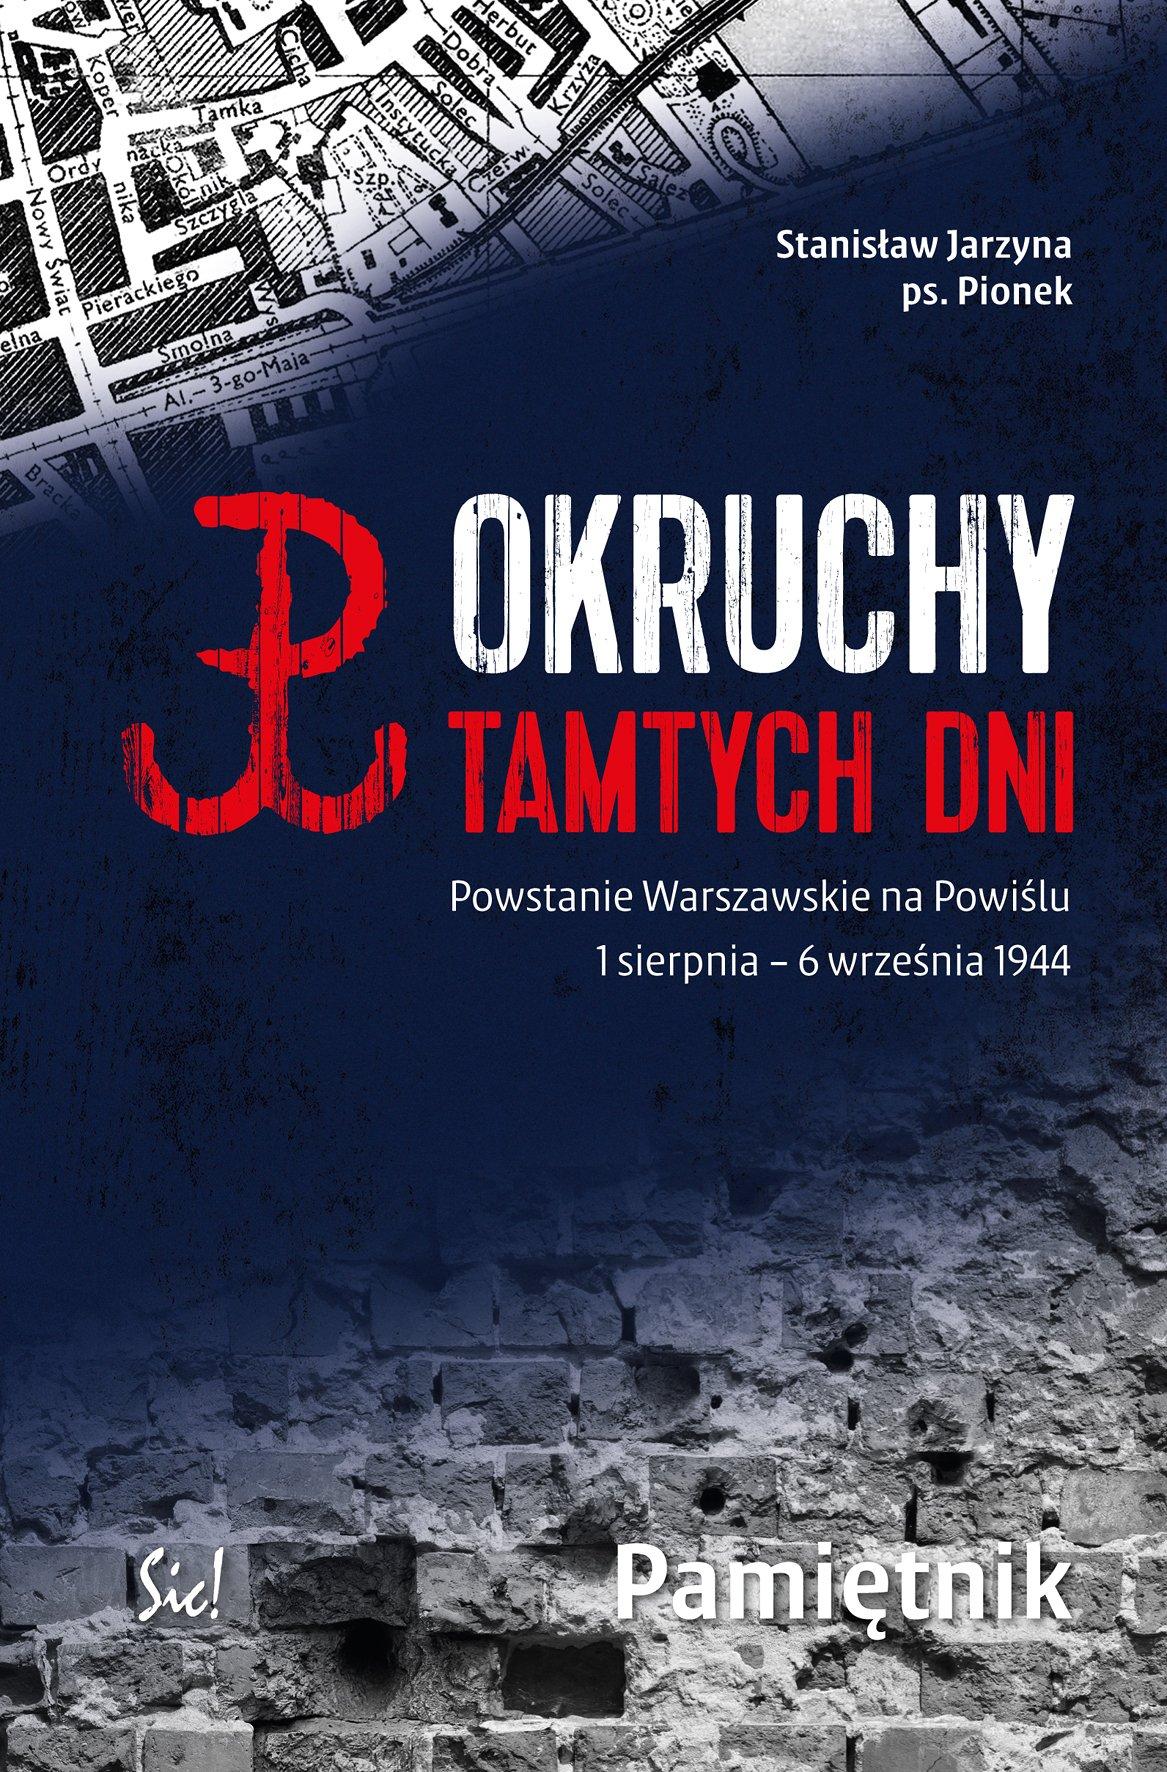 Okruchy tamtych dni. Powstanie Warszawskie na Powiślu 1 sierpnia – 6 września 1944 Pamiętnik - Ebook (Książka EPUB) do pobrania w formacie EPUB